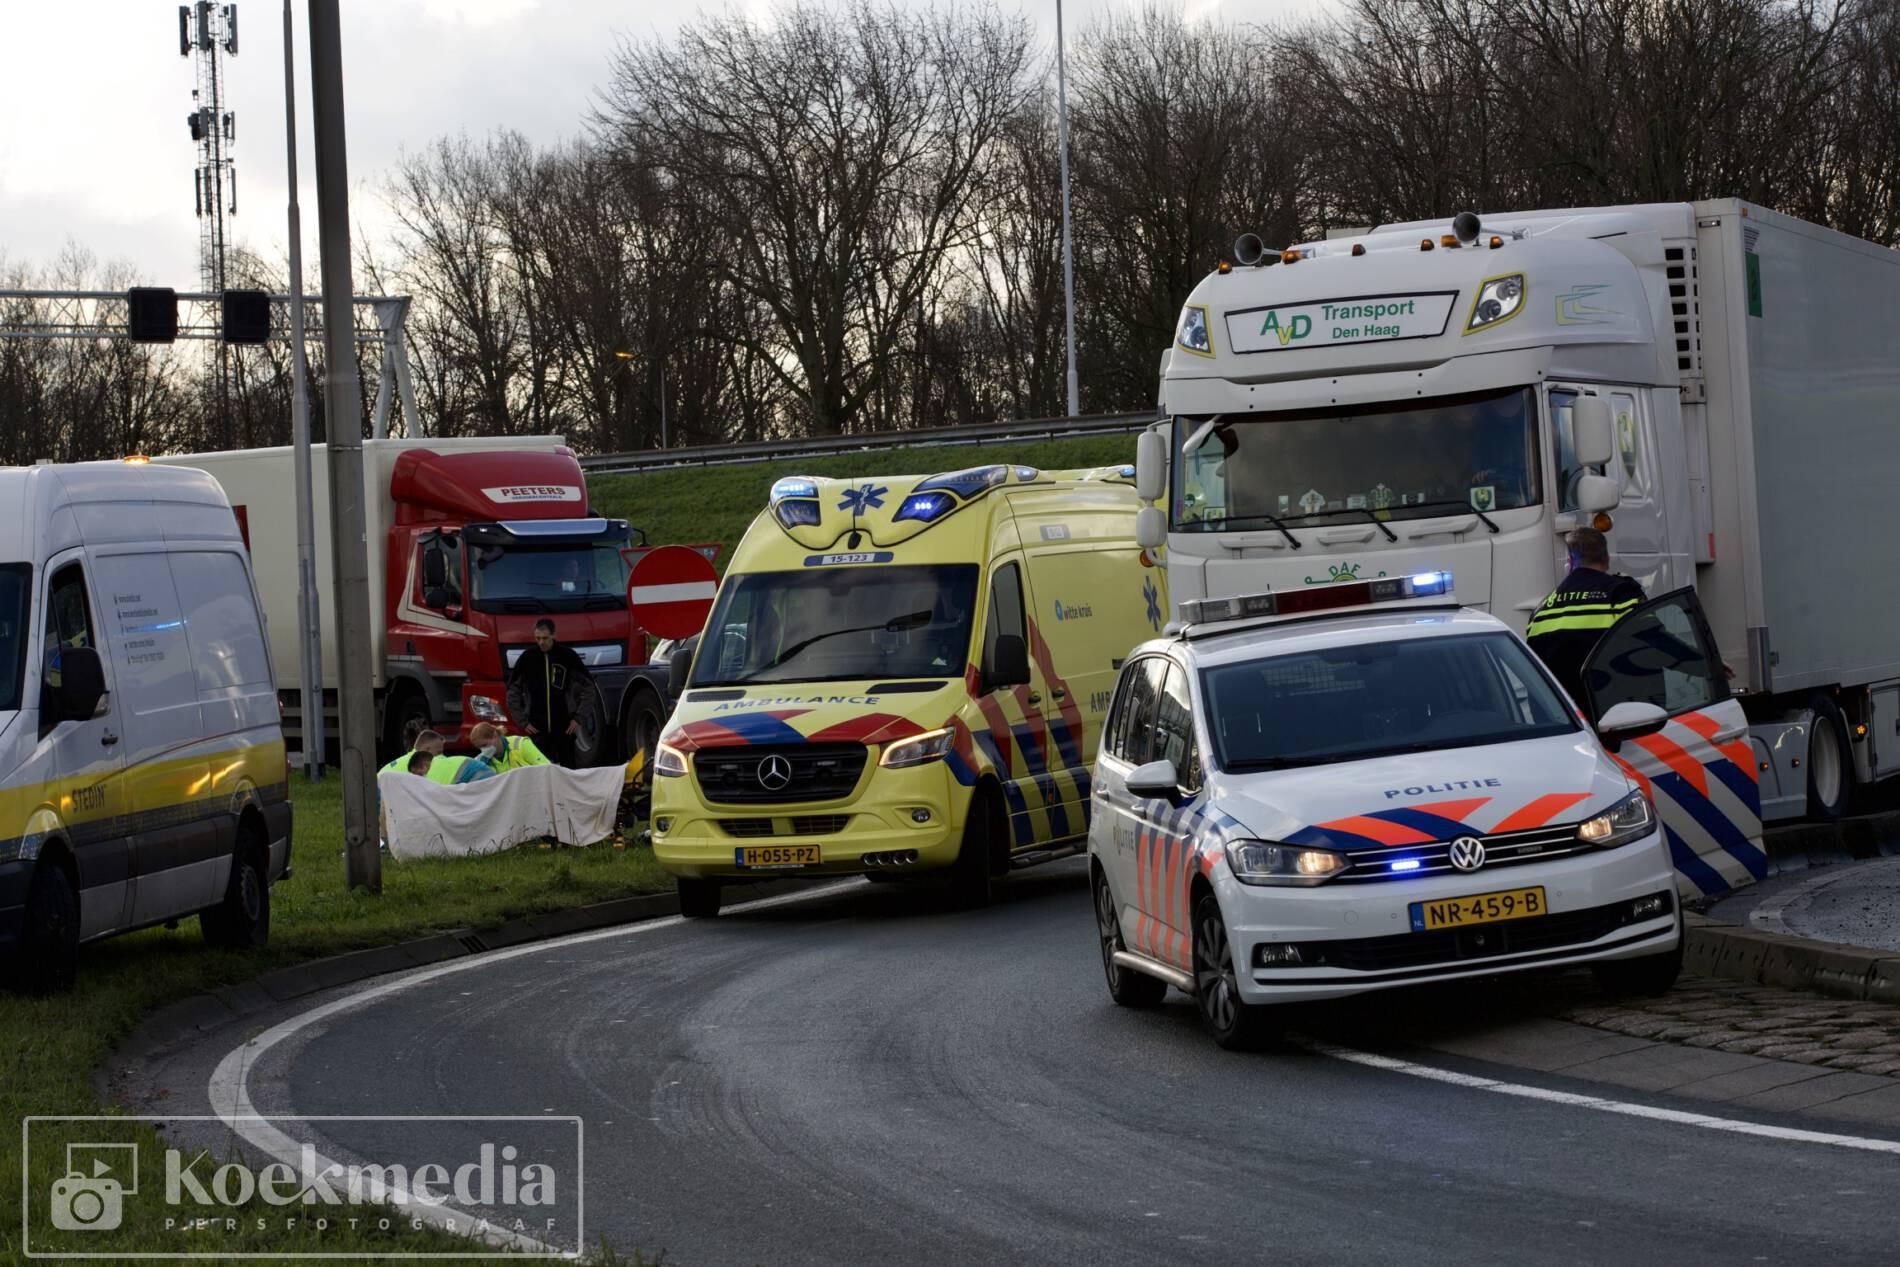 Vrachtwagen schept bromfietser op rotonde  afrit A20 Maasdijk